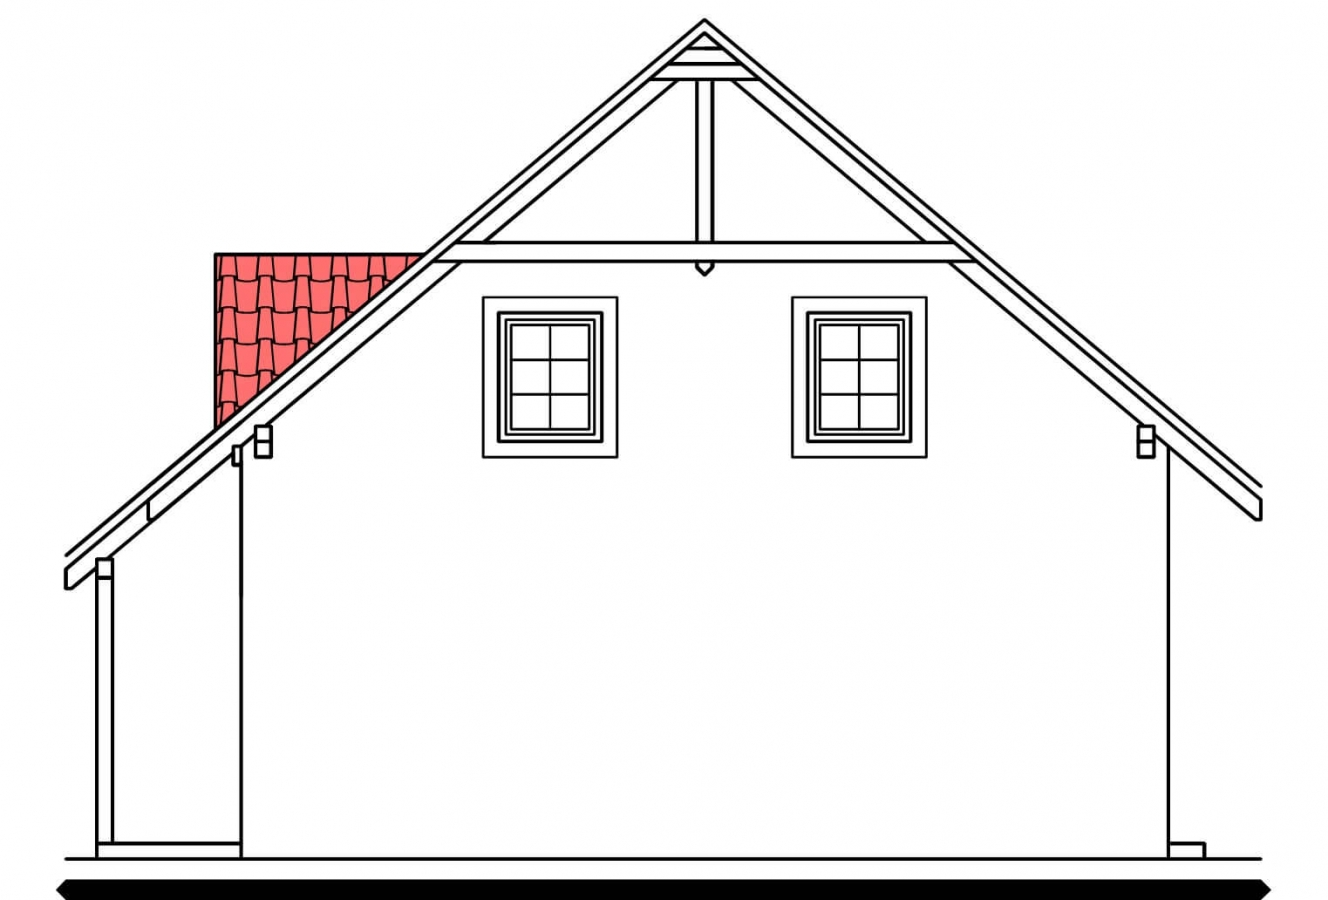 Pohľad 2. - Projekt podkrovného domu s krytou terasou